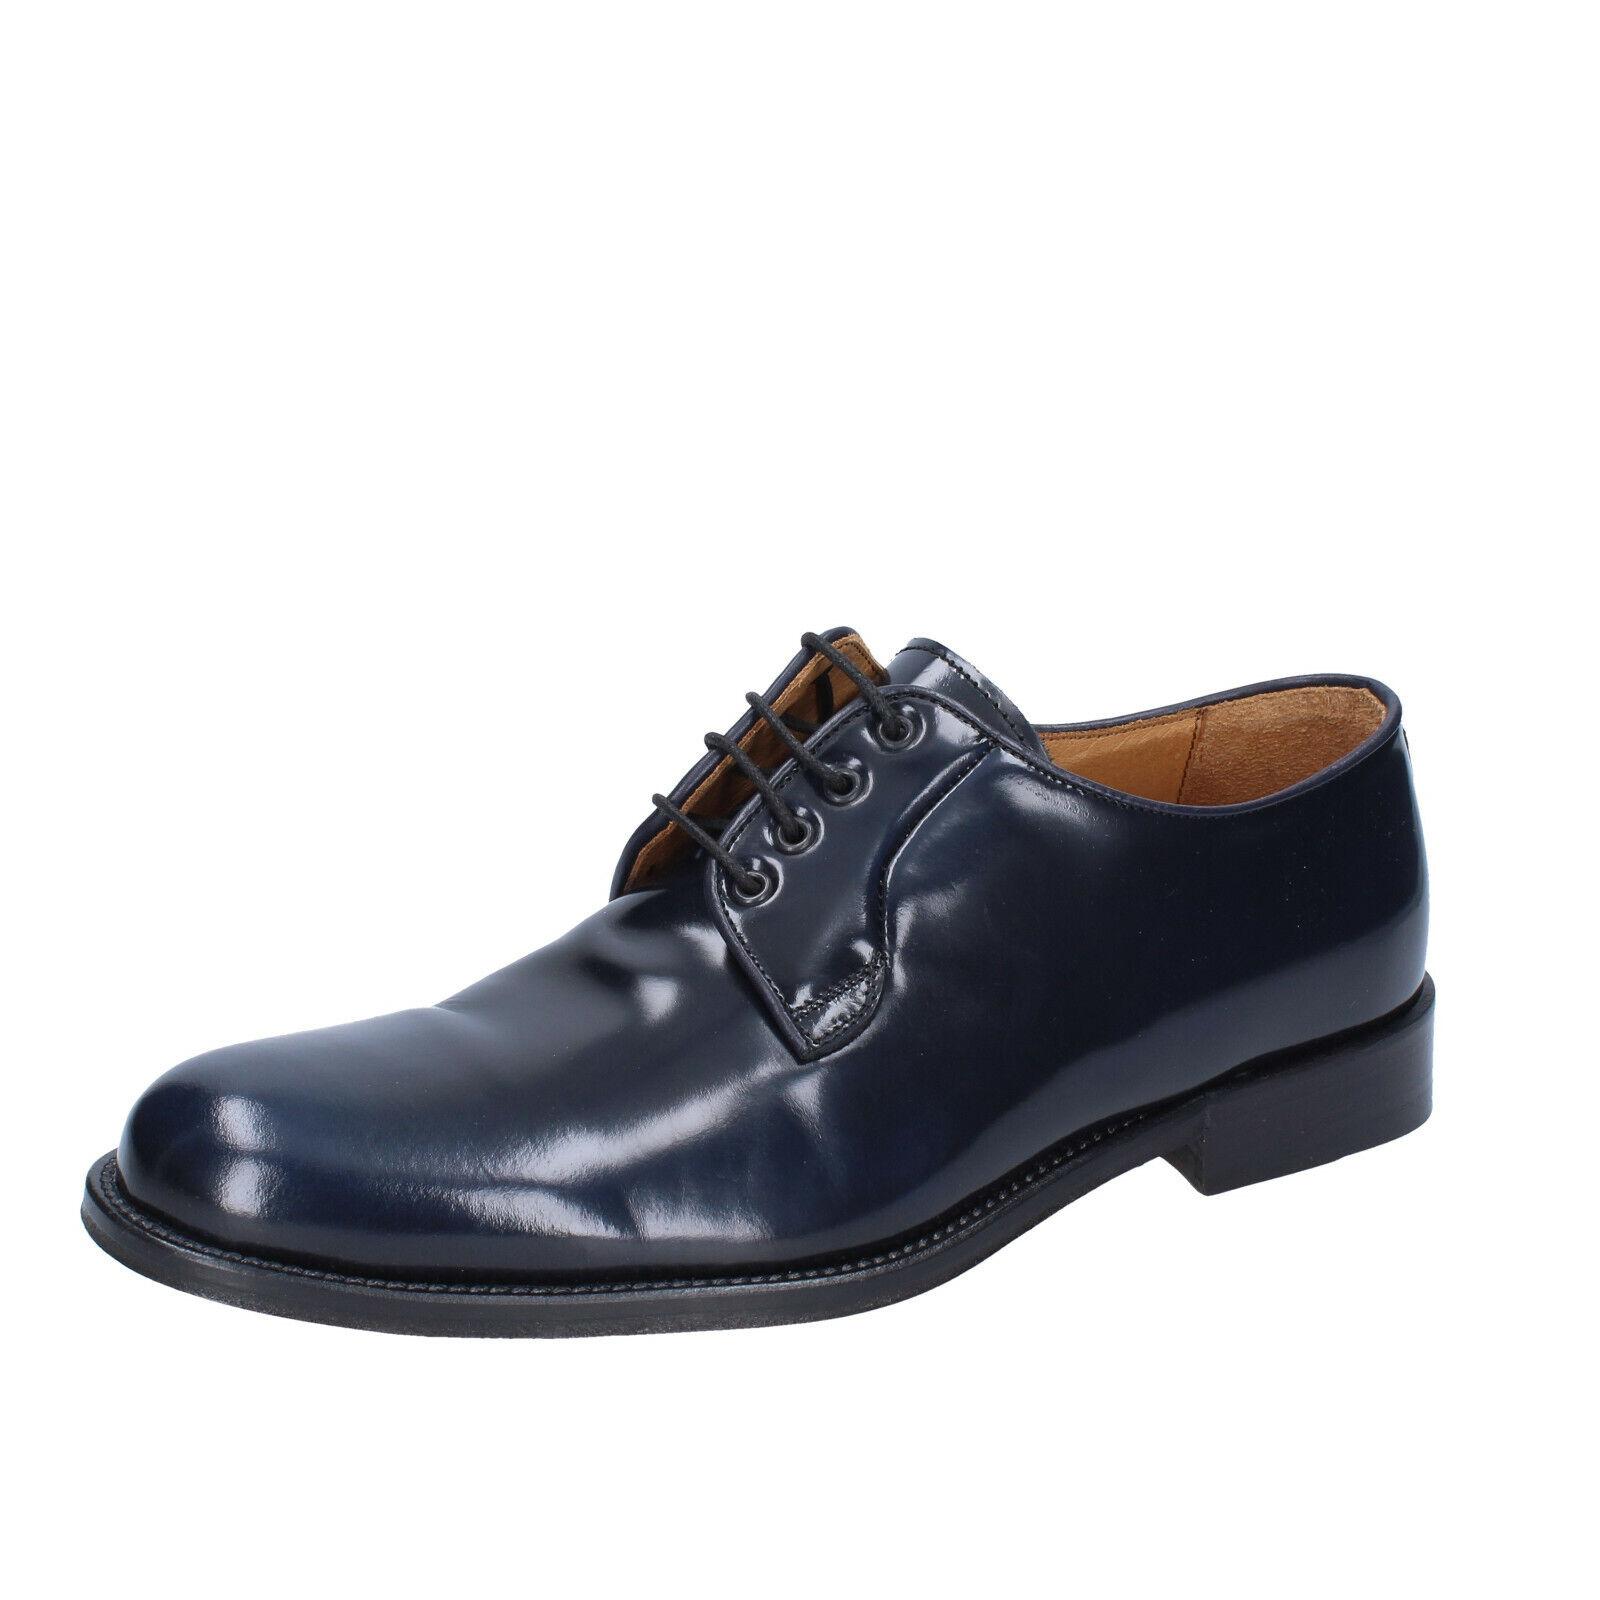 Ultimo 2018 Scarpe Scarpe Scarpe uomo ALEXANDER 42 EU classiche blu pelle lucida BS207-42  merce di alta qualità e servizio conveniente e onesto